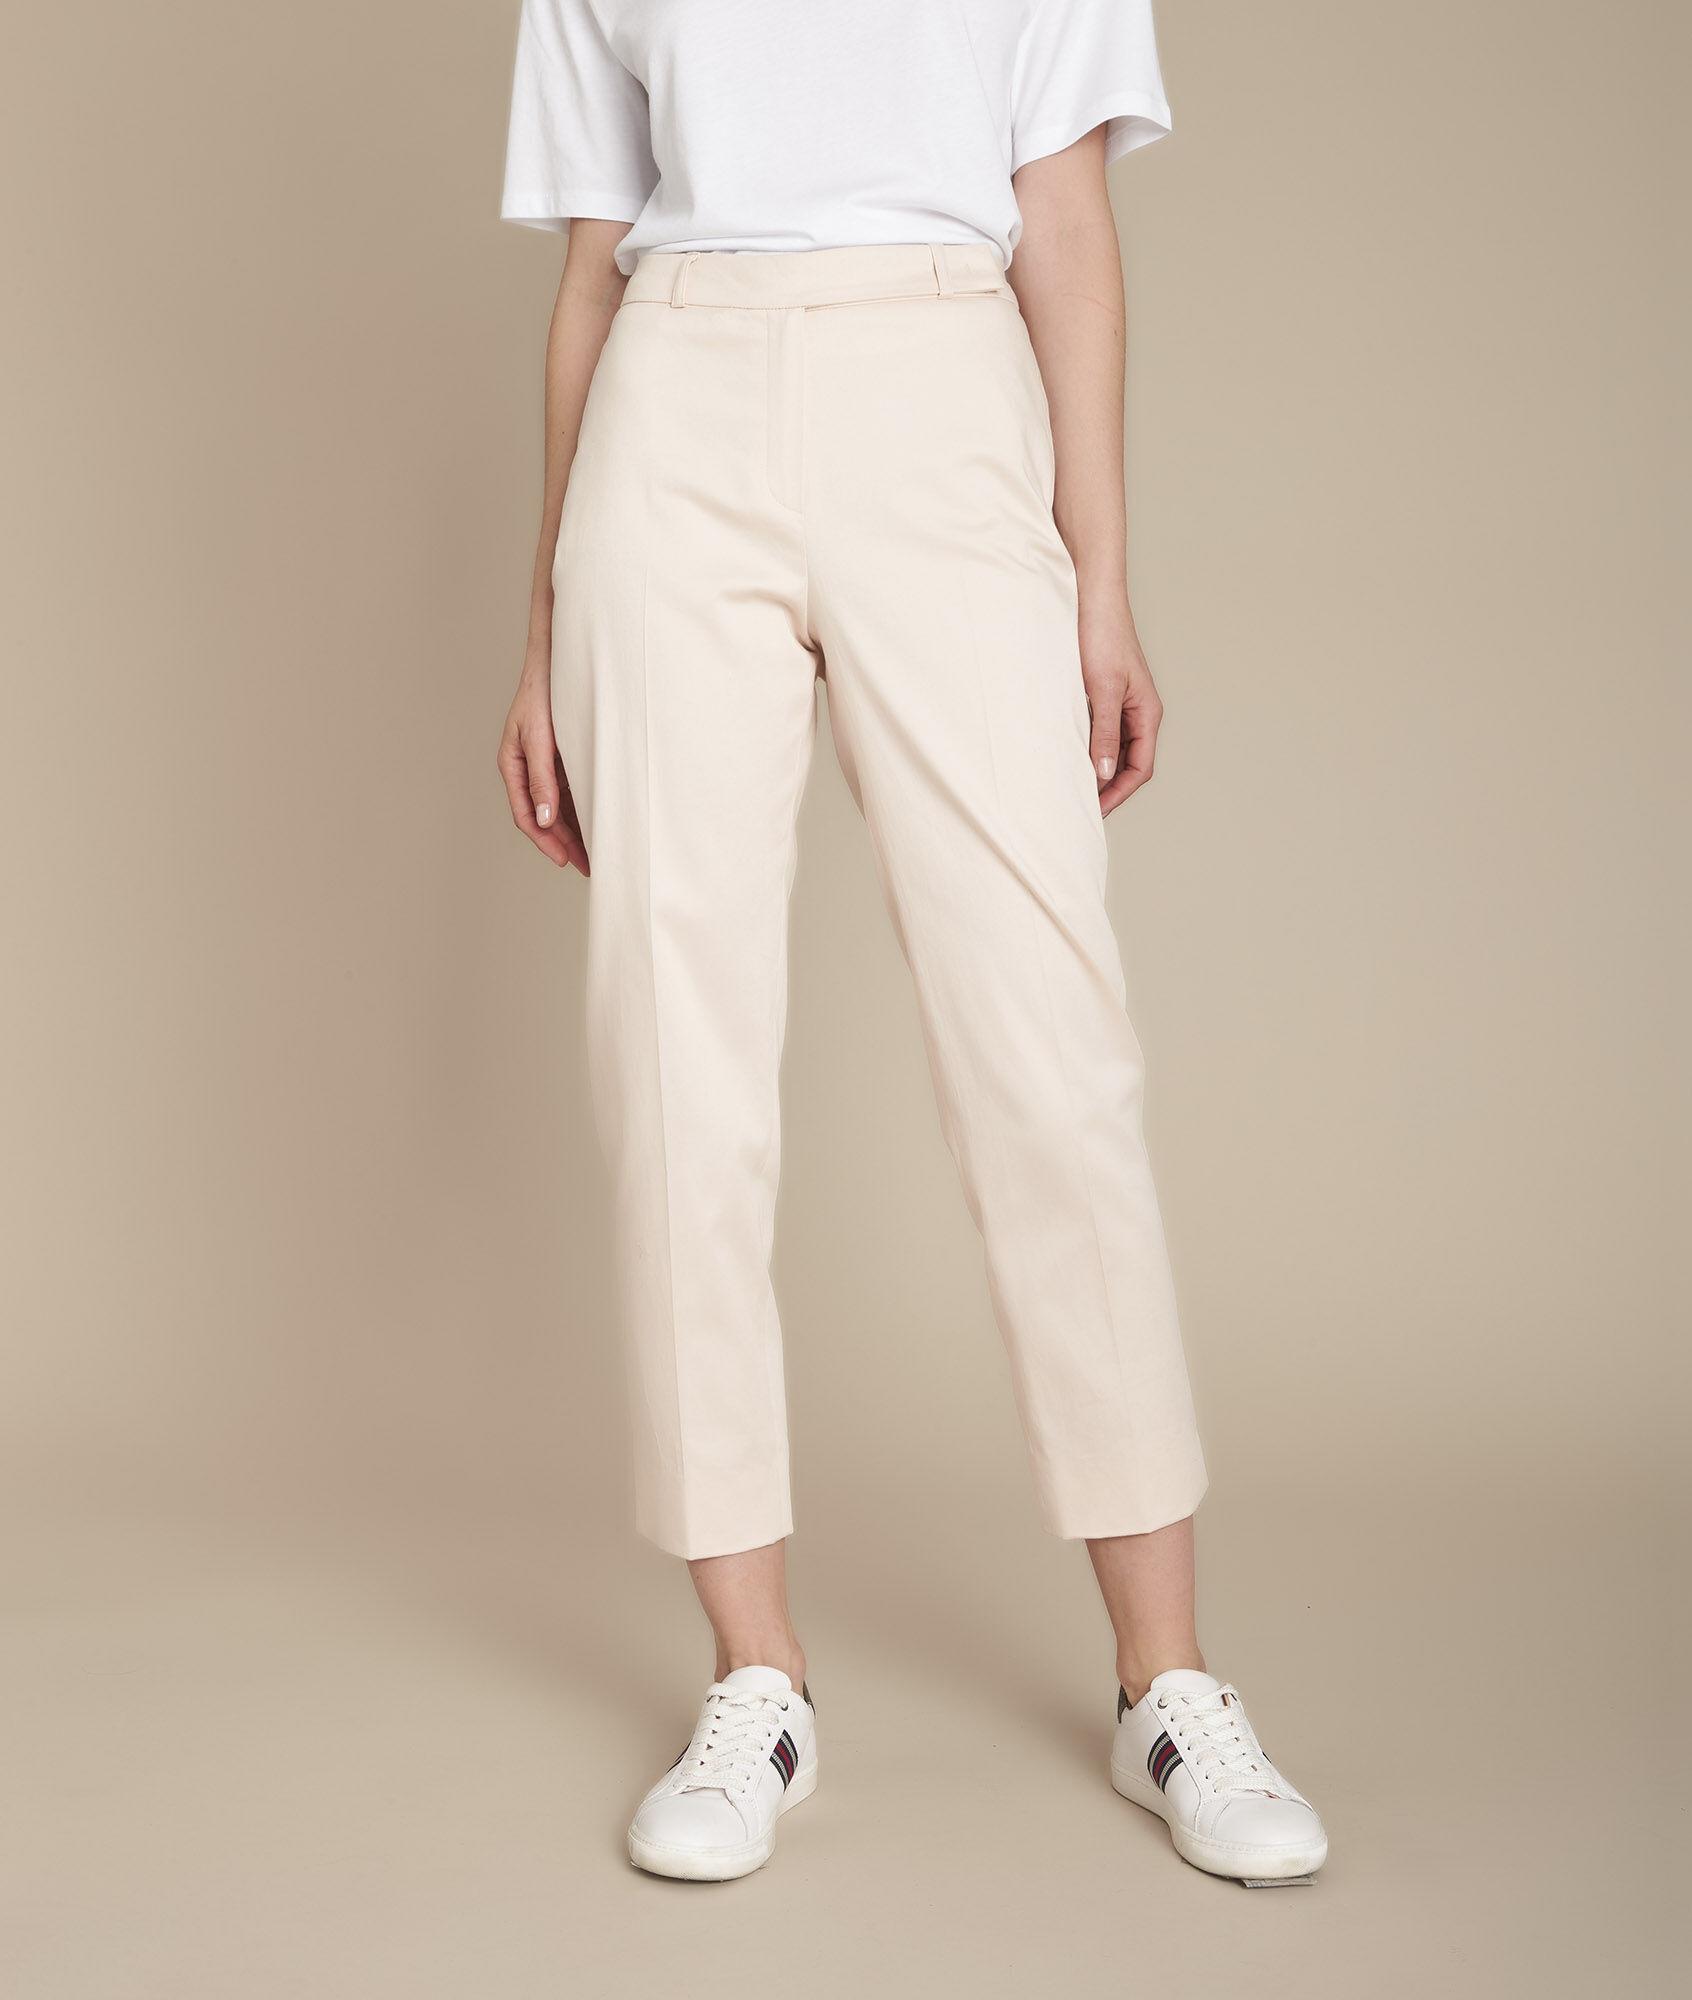 123 123 FemmeNouvelle CollectionMaison FemmeNouvelle CollectionMaison Pantalons Pantalons T1cKulFJ35